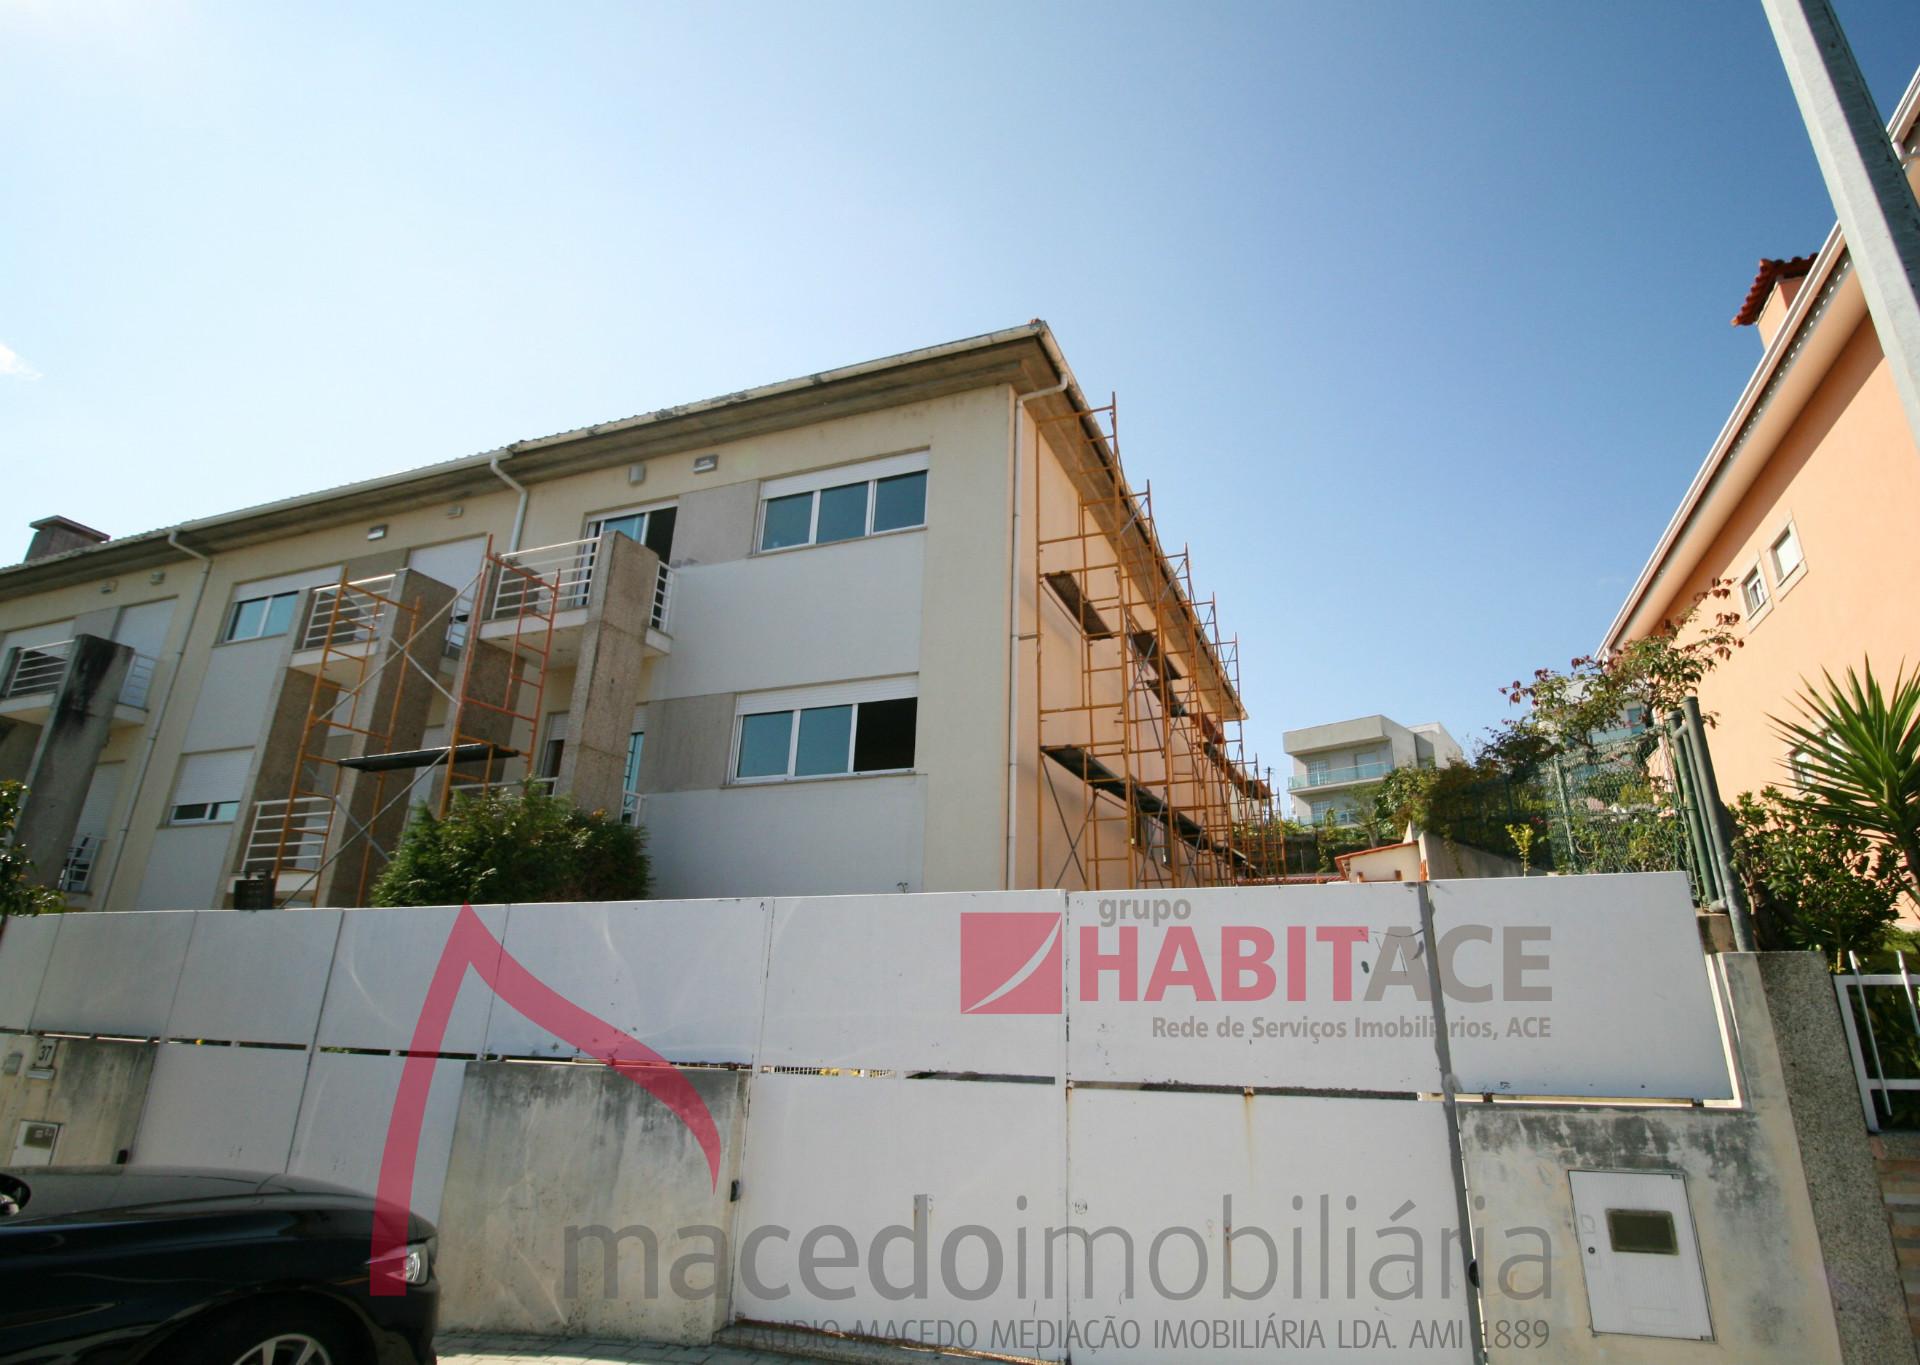 Moradia Gaveto T3 para arrendar em Palmeira, Braga